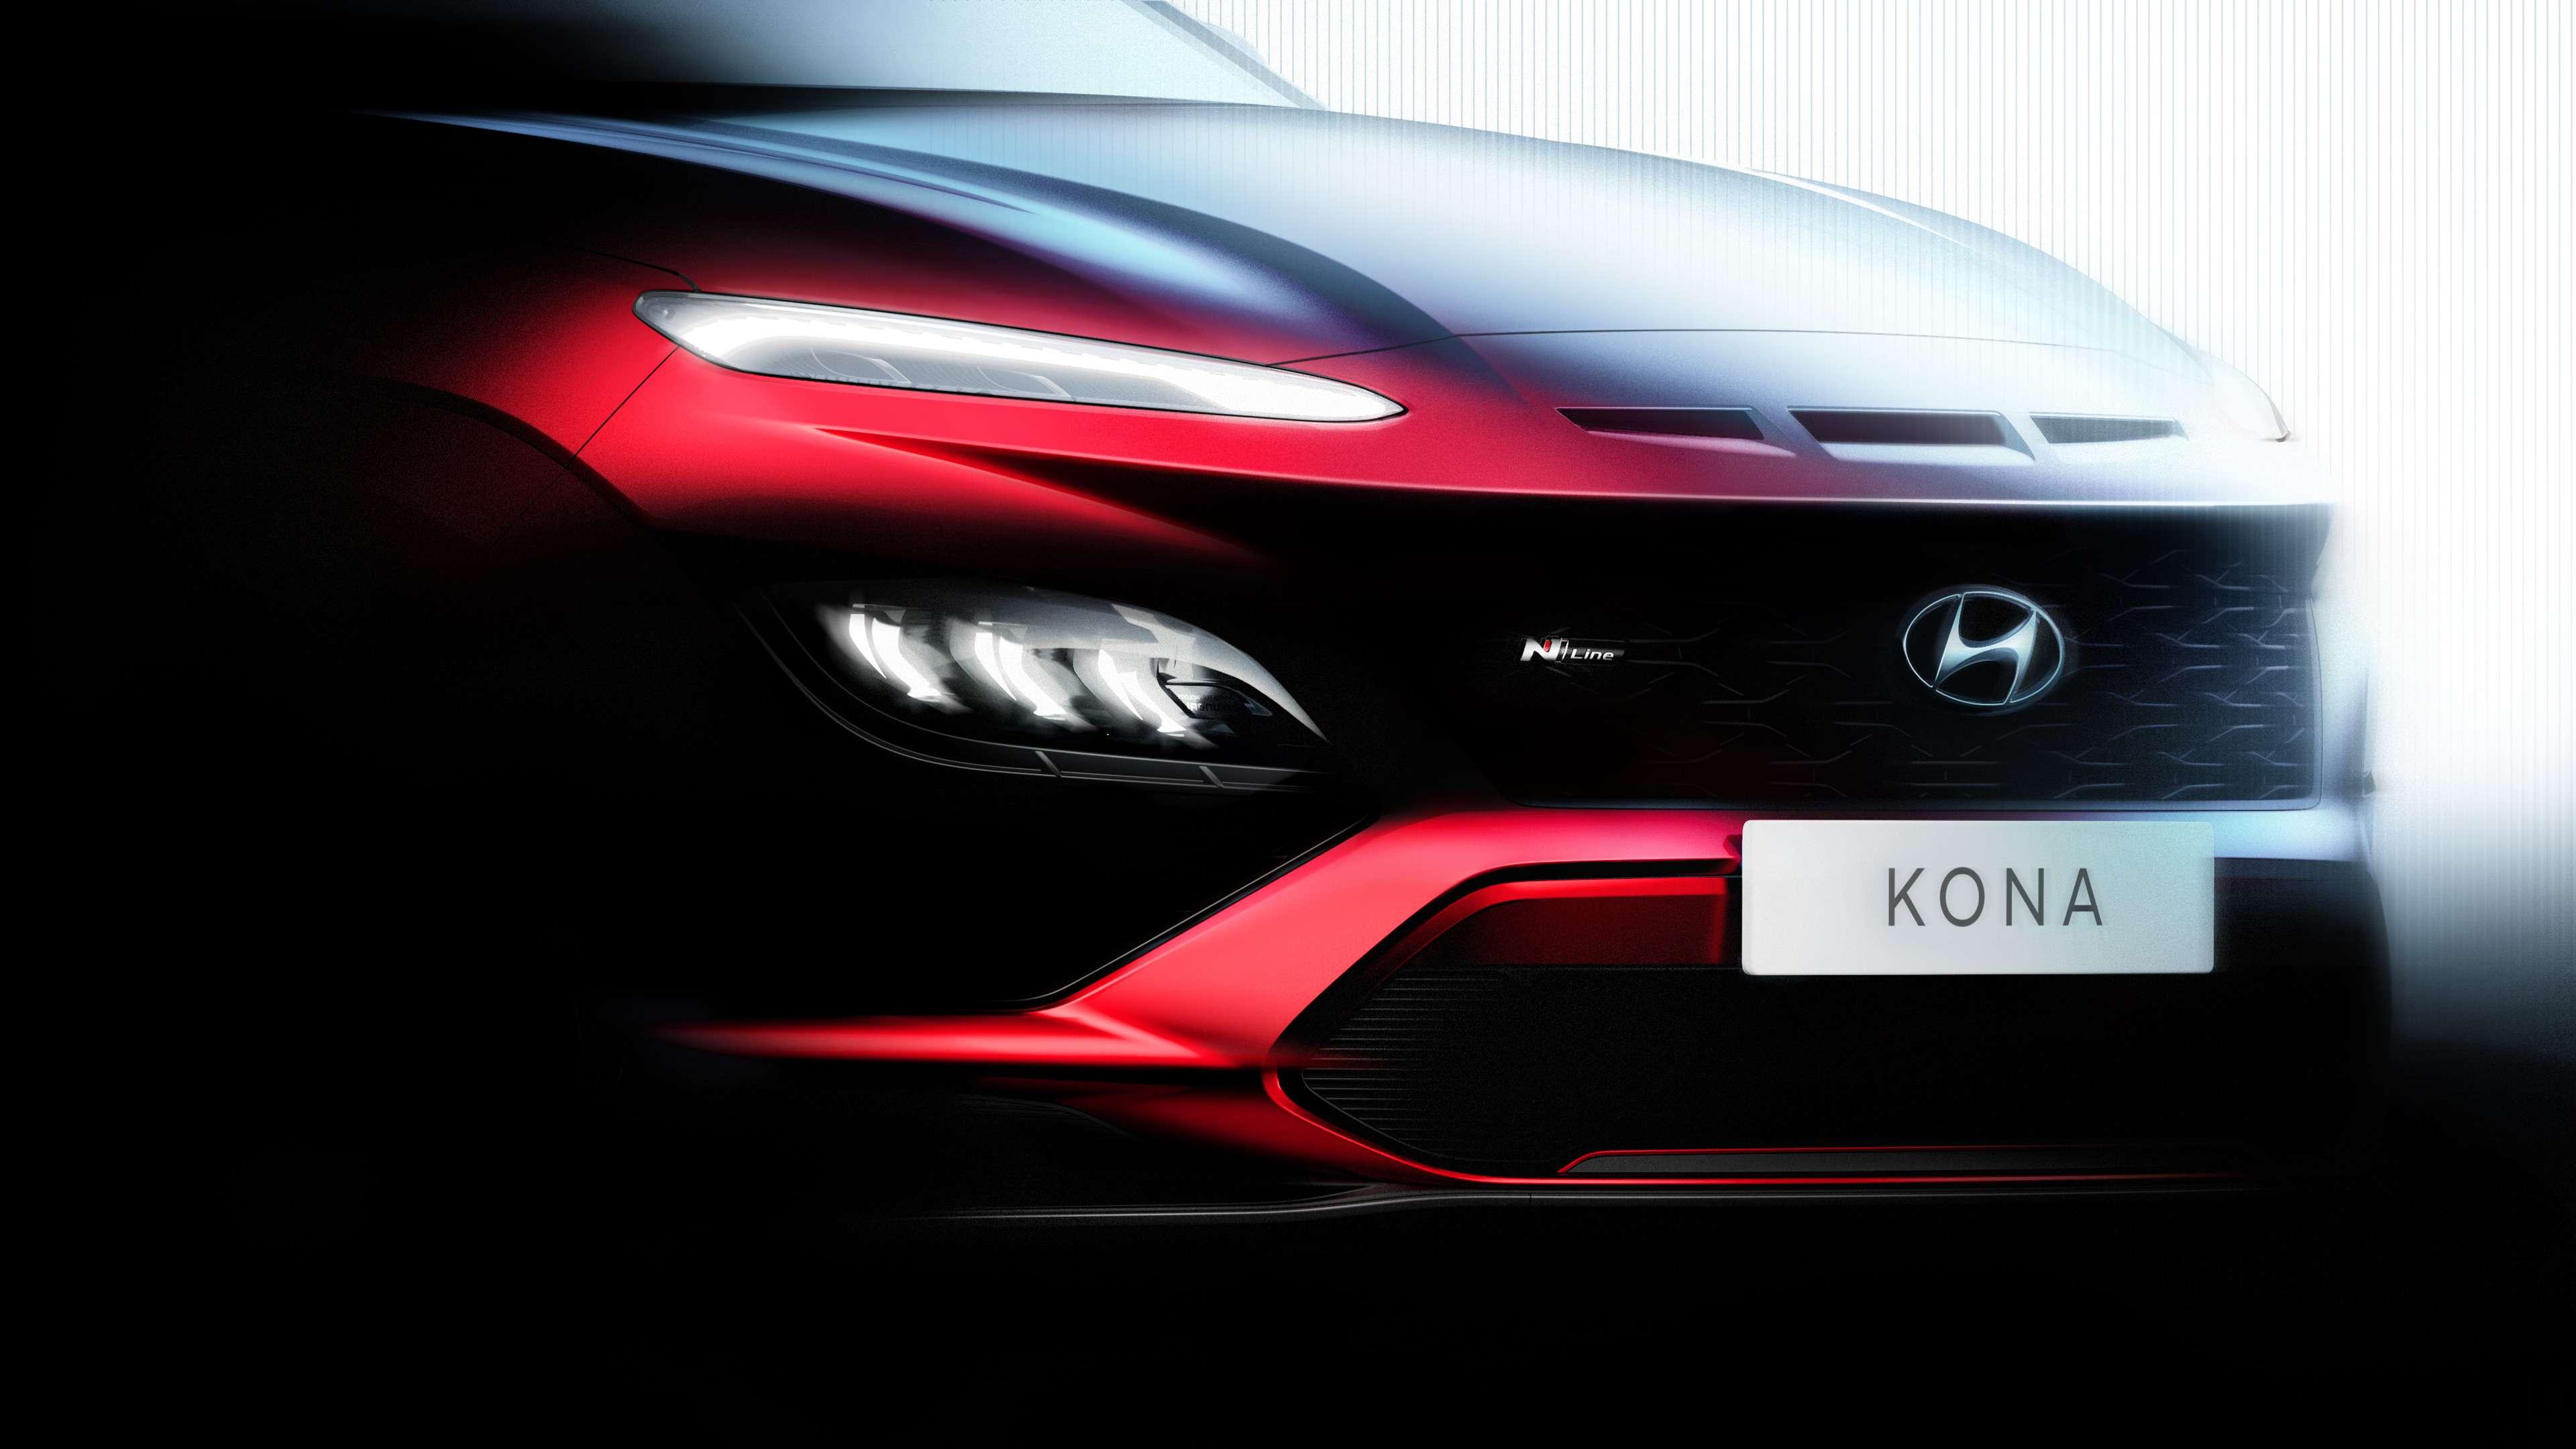 Новый кроссовер Hyundai: первые изображения - фото 1162225